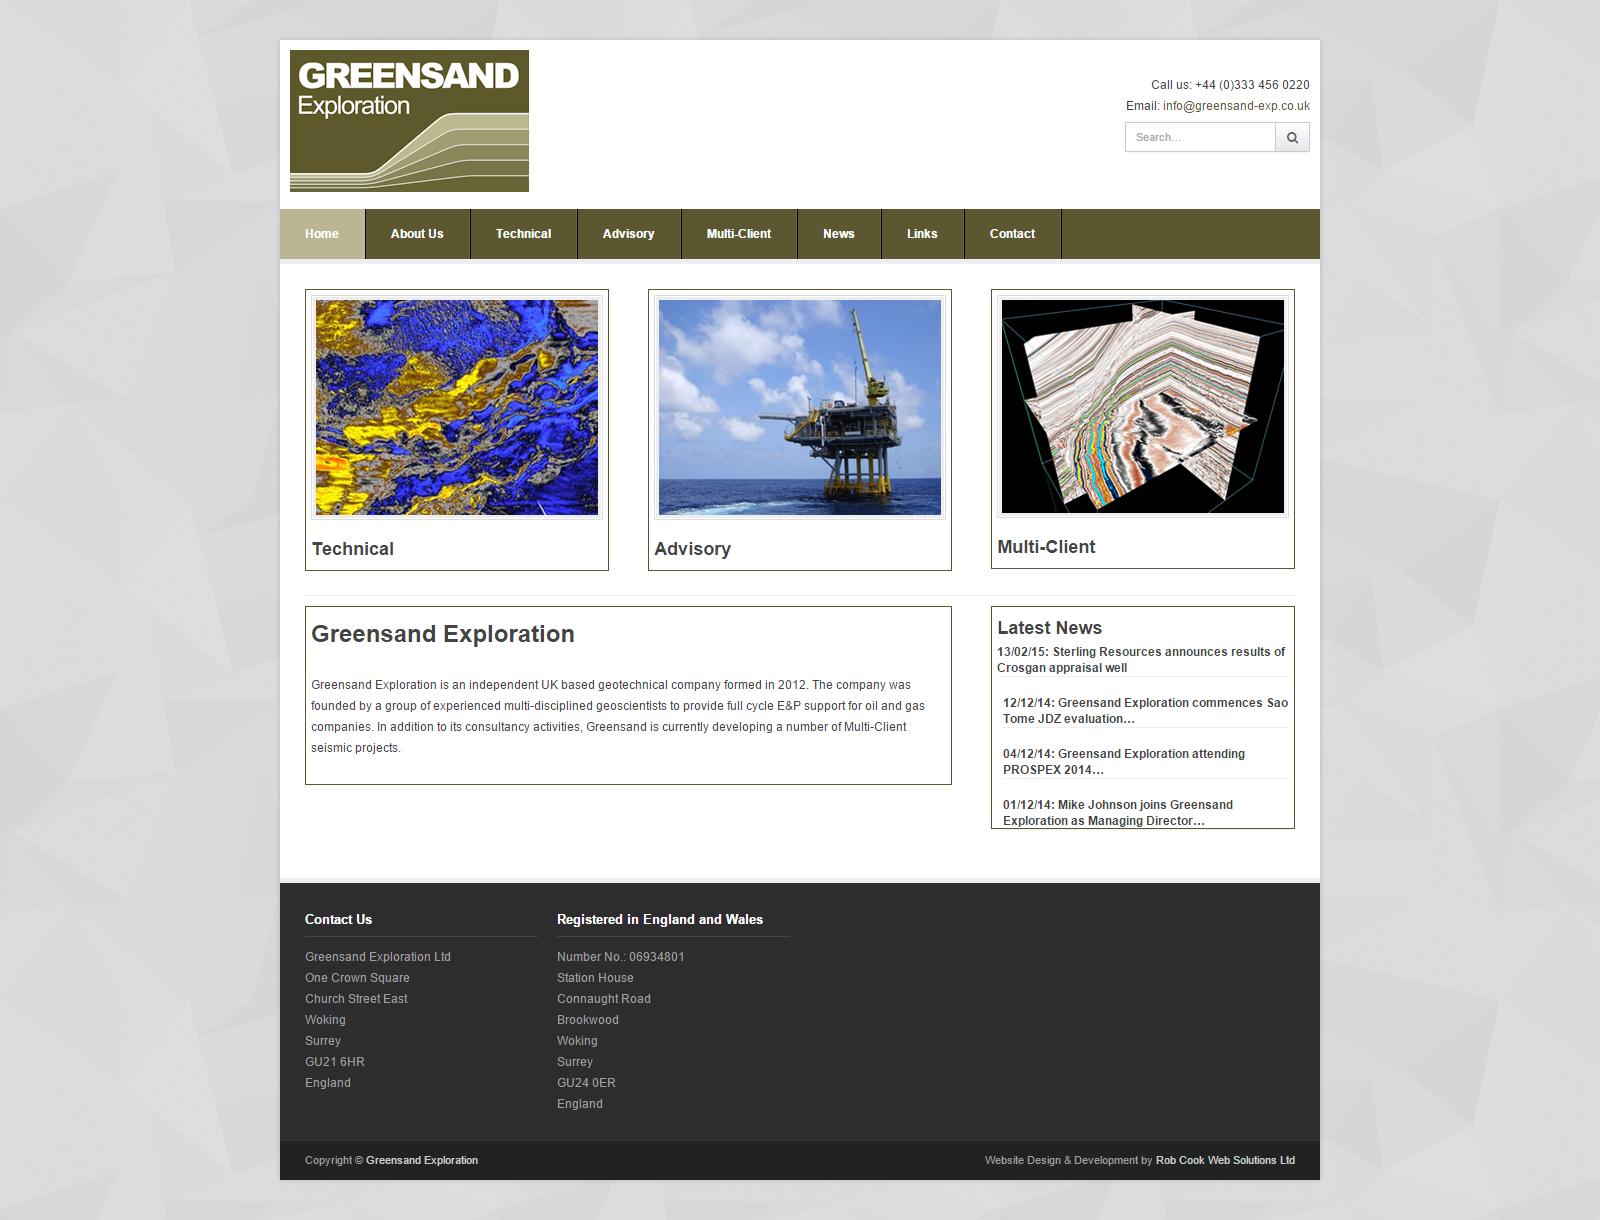 Greensand Exploration Ltd